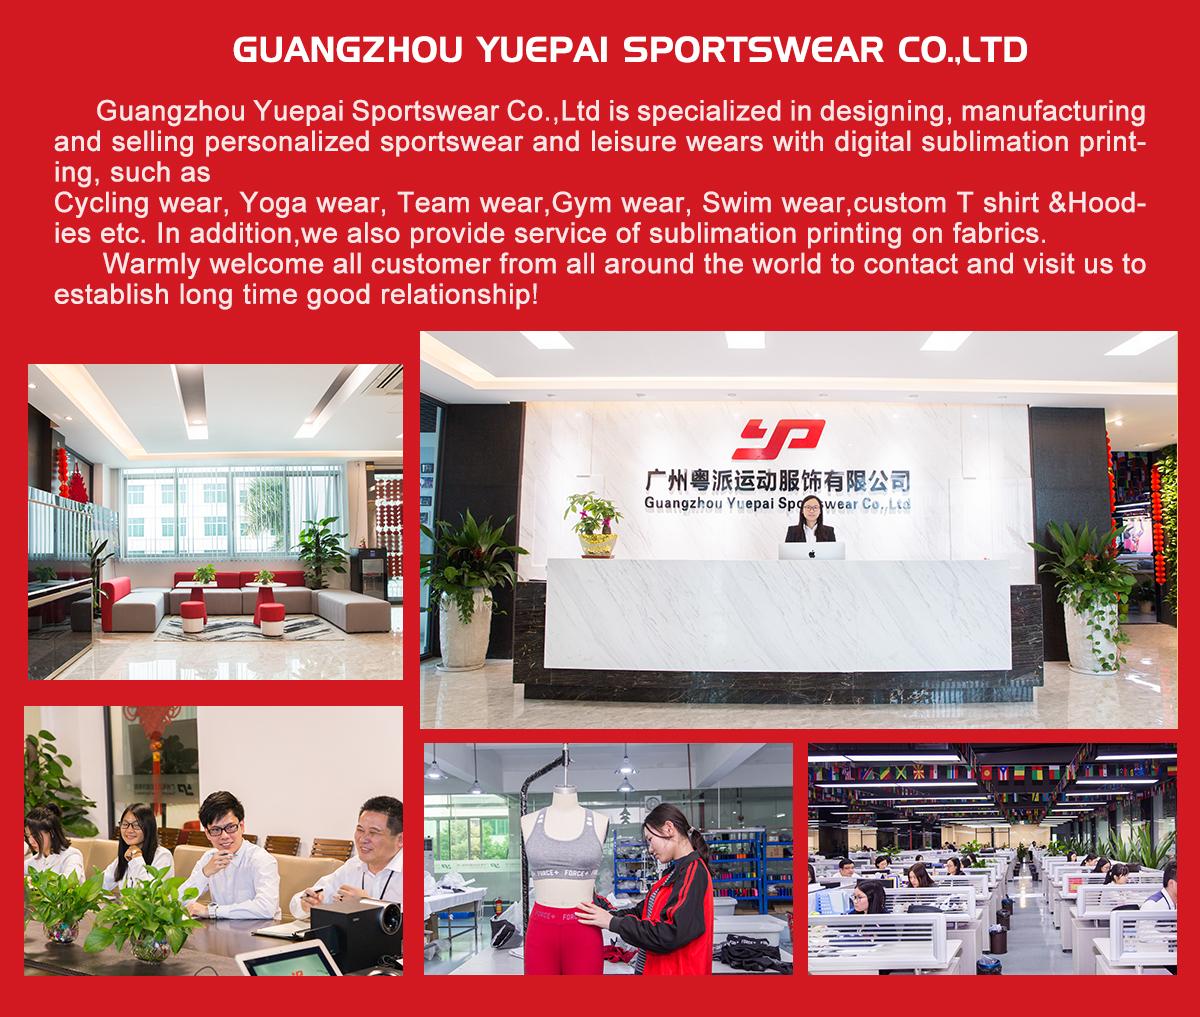 Guangzhou Yuepai Sportswear Co., Ltd. Yoga Wear, Cycling Wear